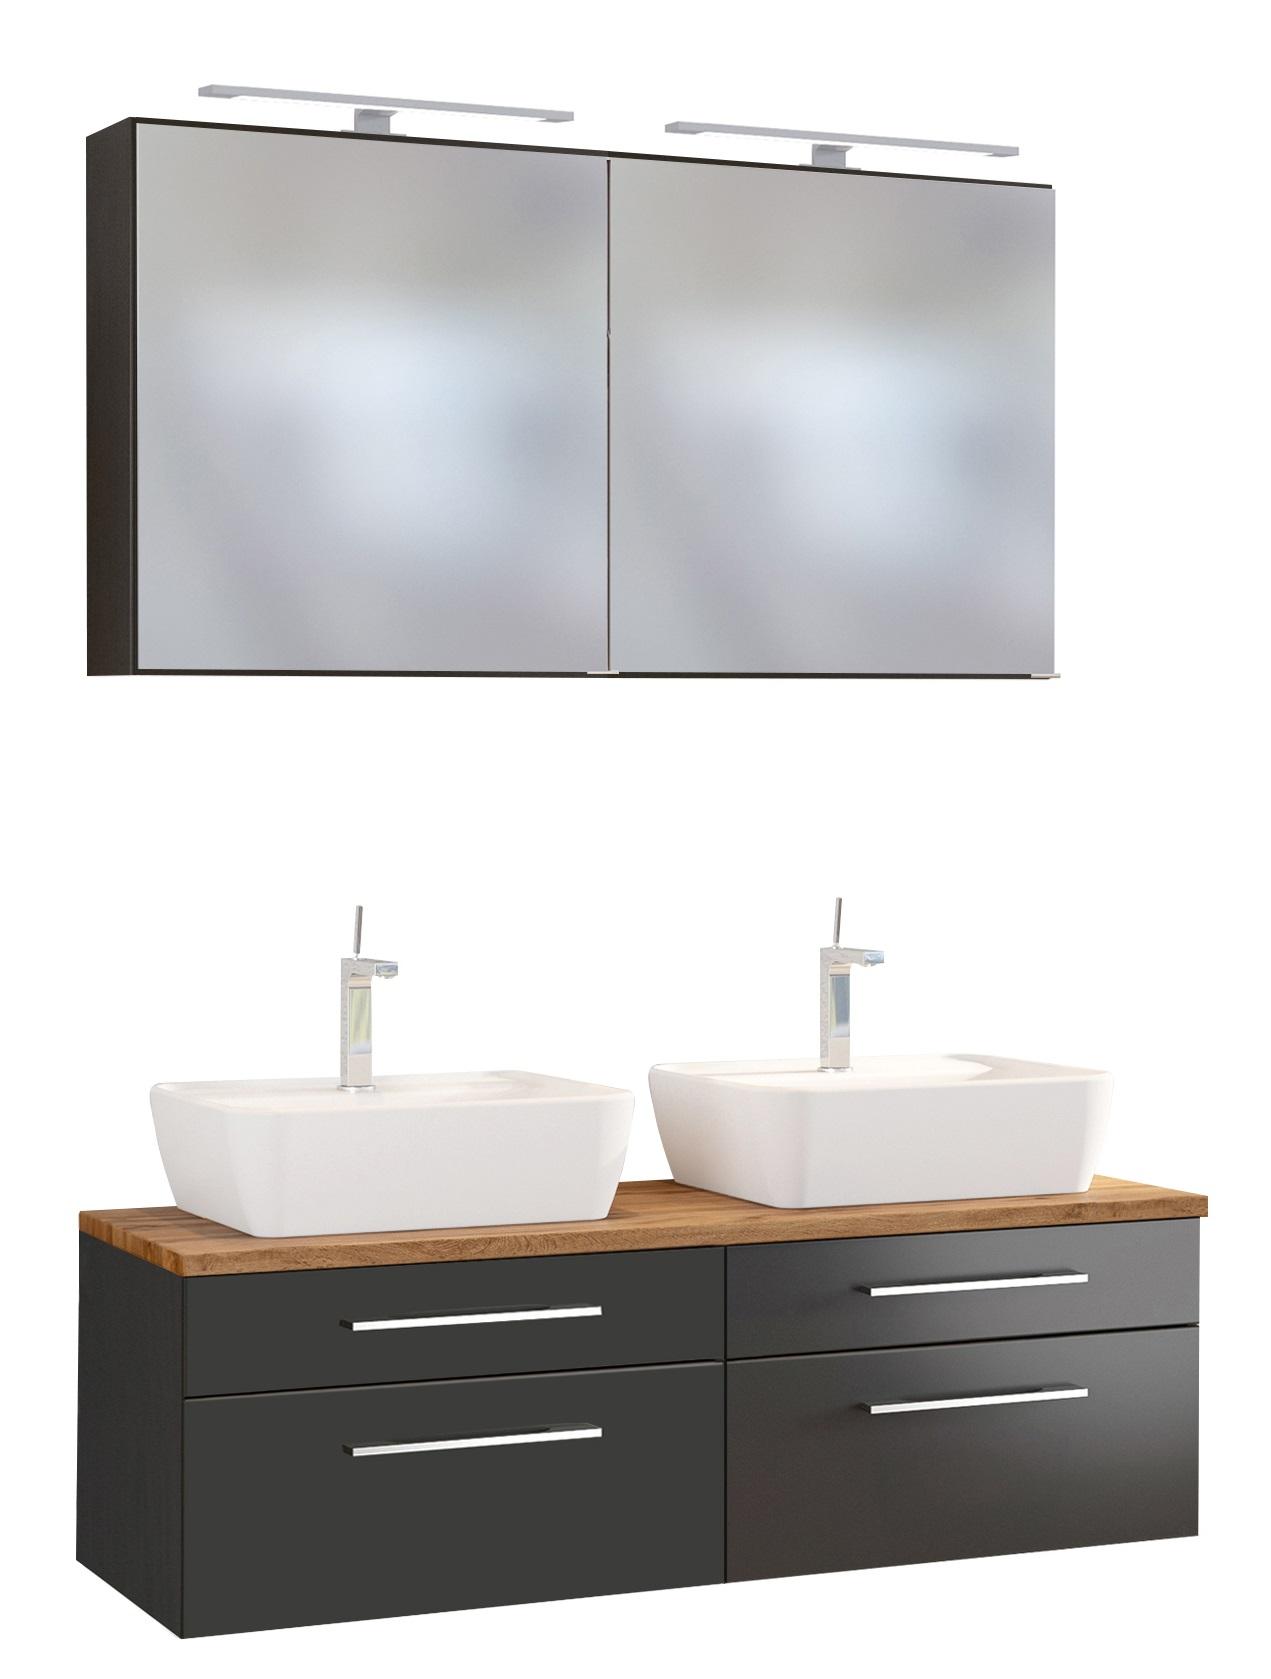 Davos Doppelwaschtisch Set 120 Spiegelschrank In Grau Wohnorama